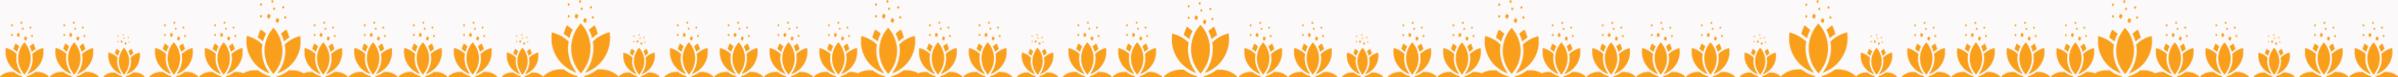 שורת פרחי לוטוס לאתר לב שלווה | המרכז למיינדפולנס ומדיטציה בירושלים